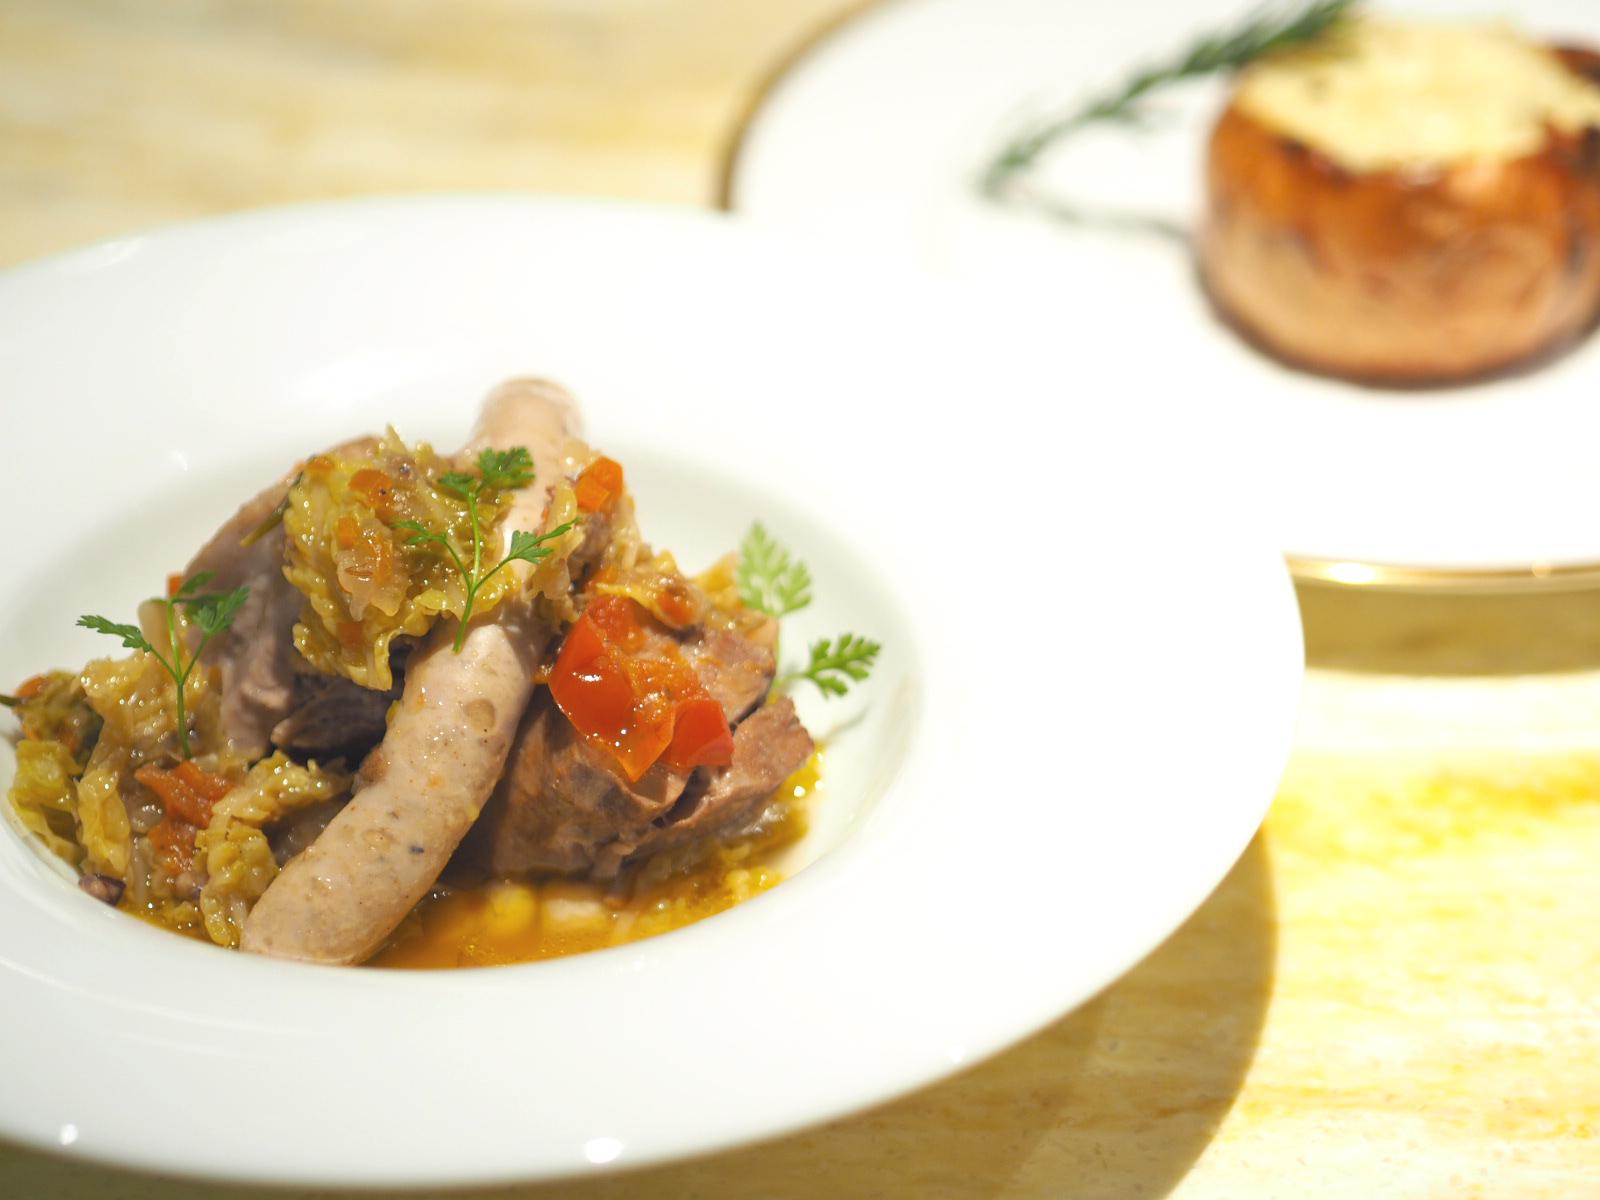 【レシピ】丸ごと玉ねぎのオーブン焼きと豚肉とちりめんキャベツの煮込み